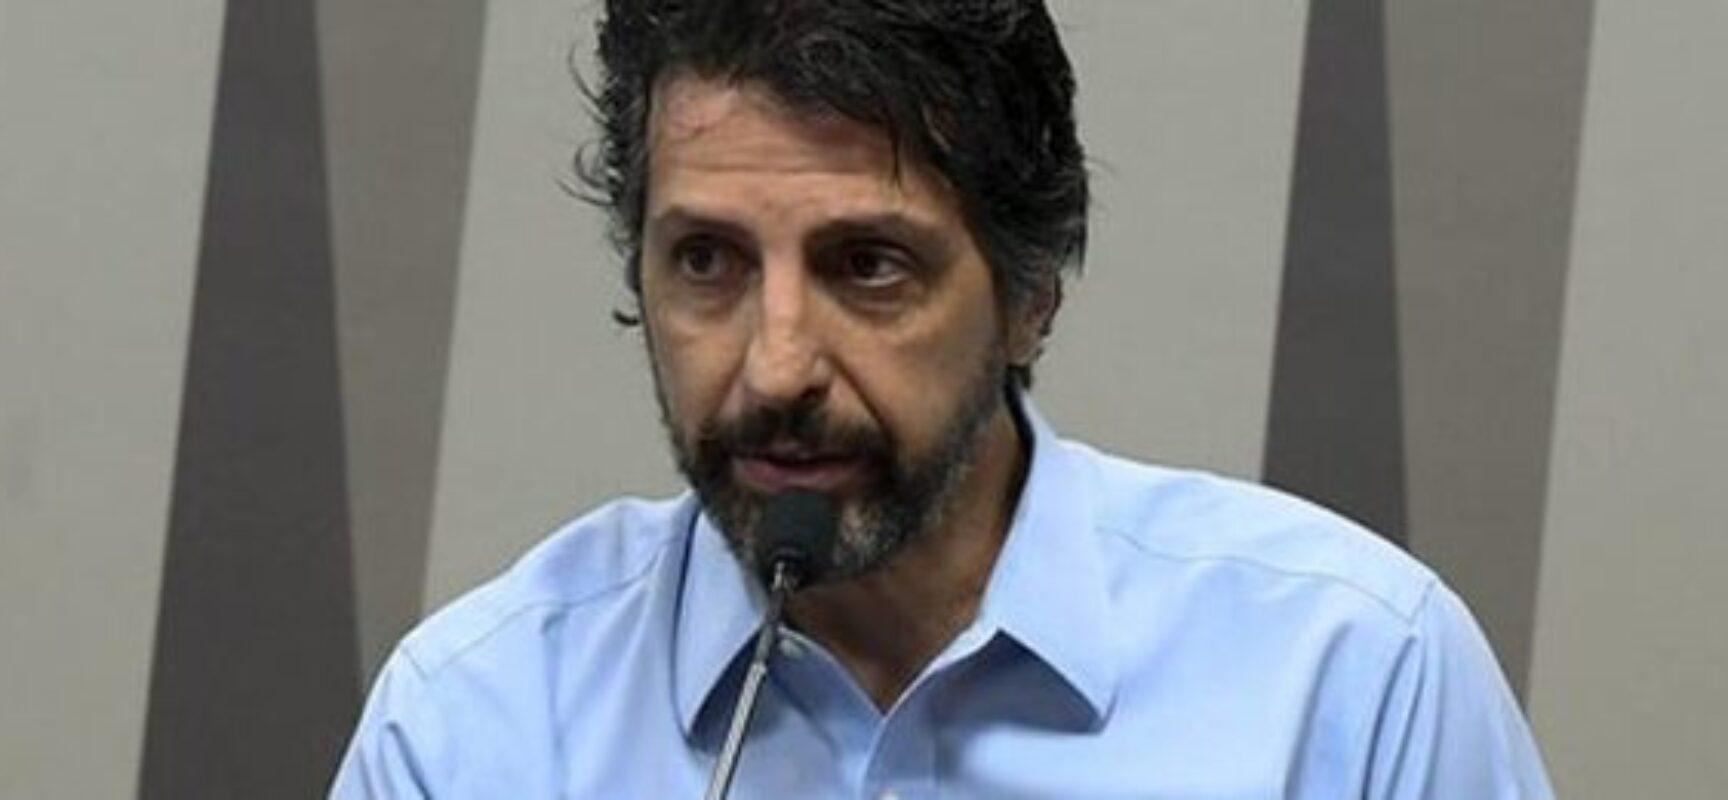 Conheça o novo ministro do Meio Ambiente, Joaquim Álvaro Pereira Leite